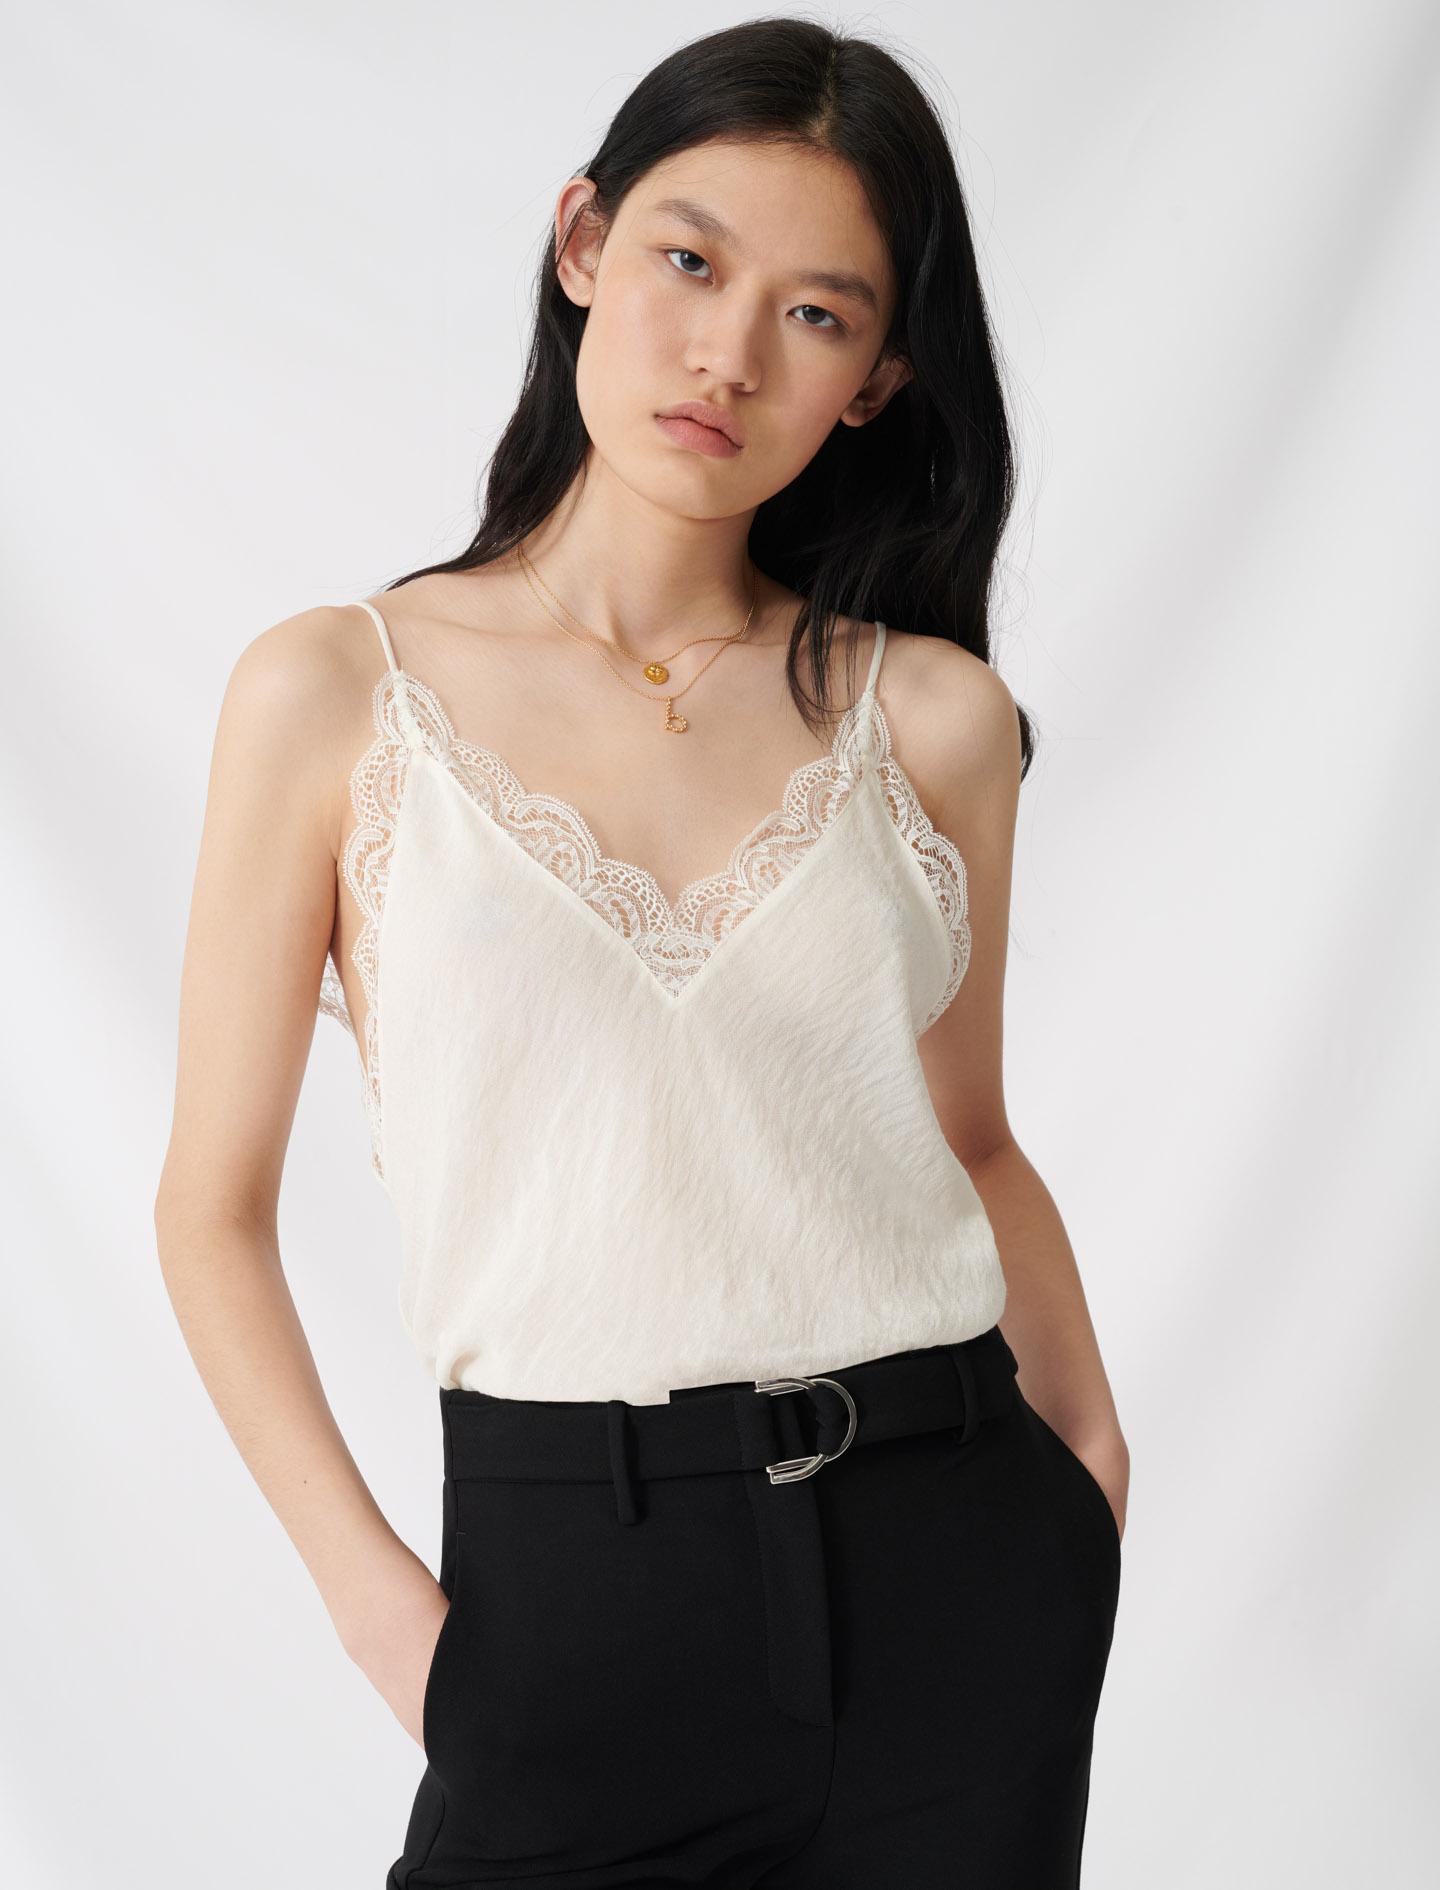 Ecru top with thin straps and lace trim - Ecru